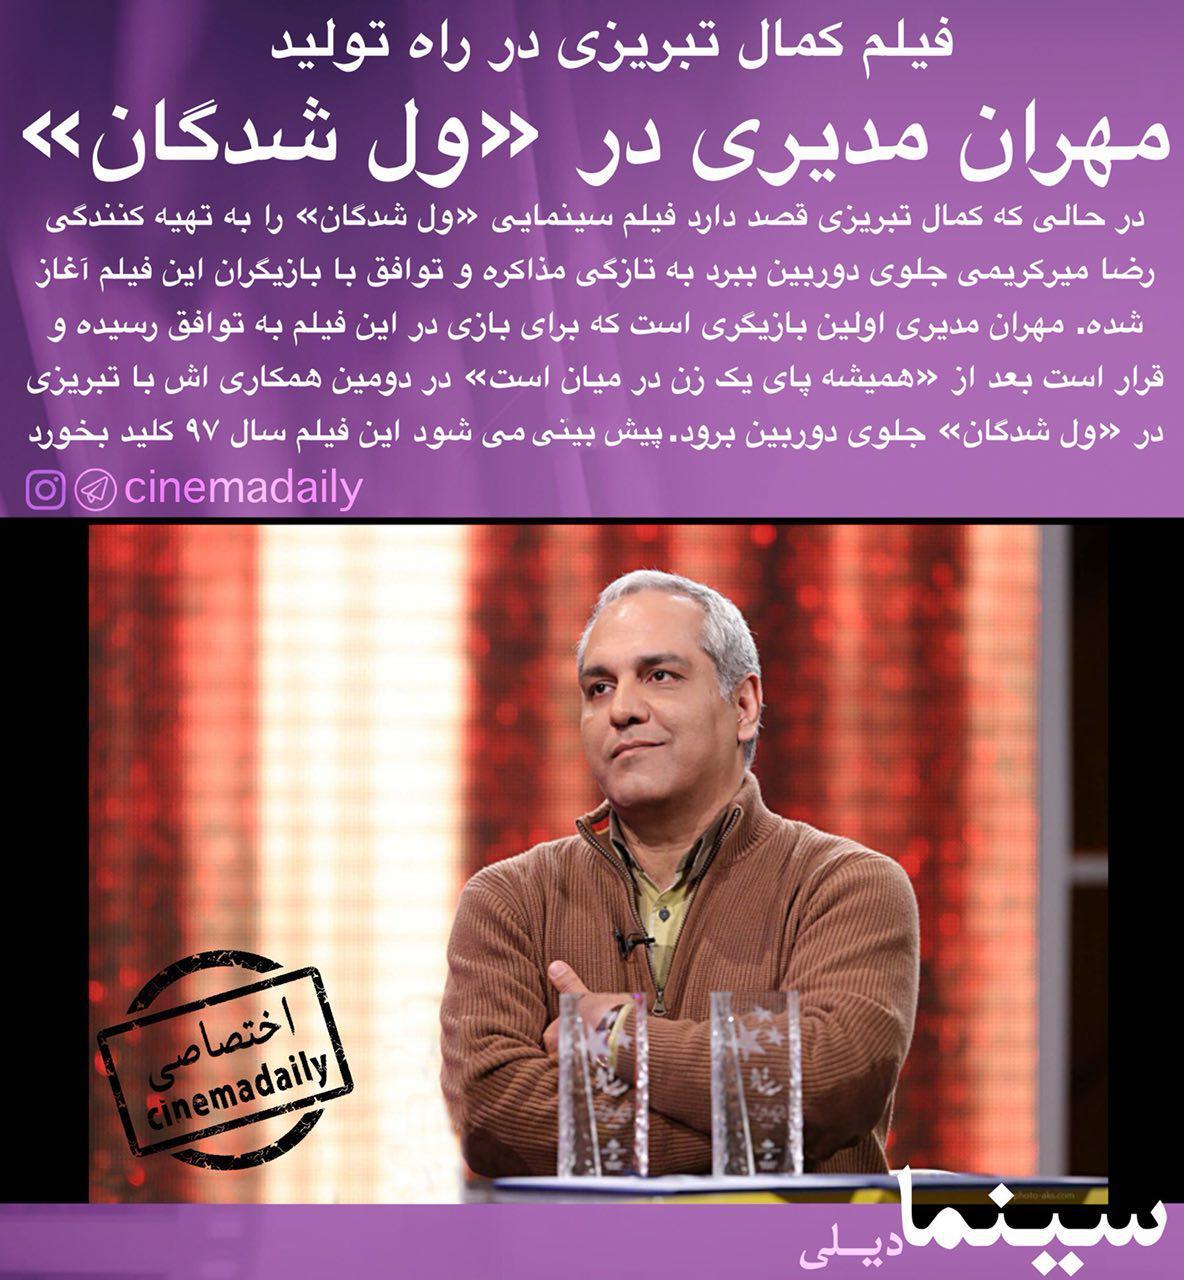 مهران مدیری بازیگر «ولشدگان» شد+عکس